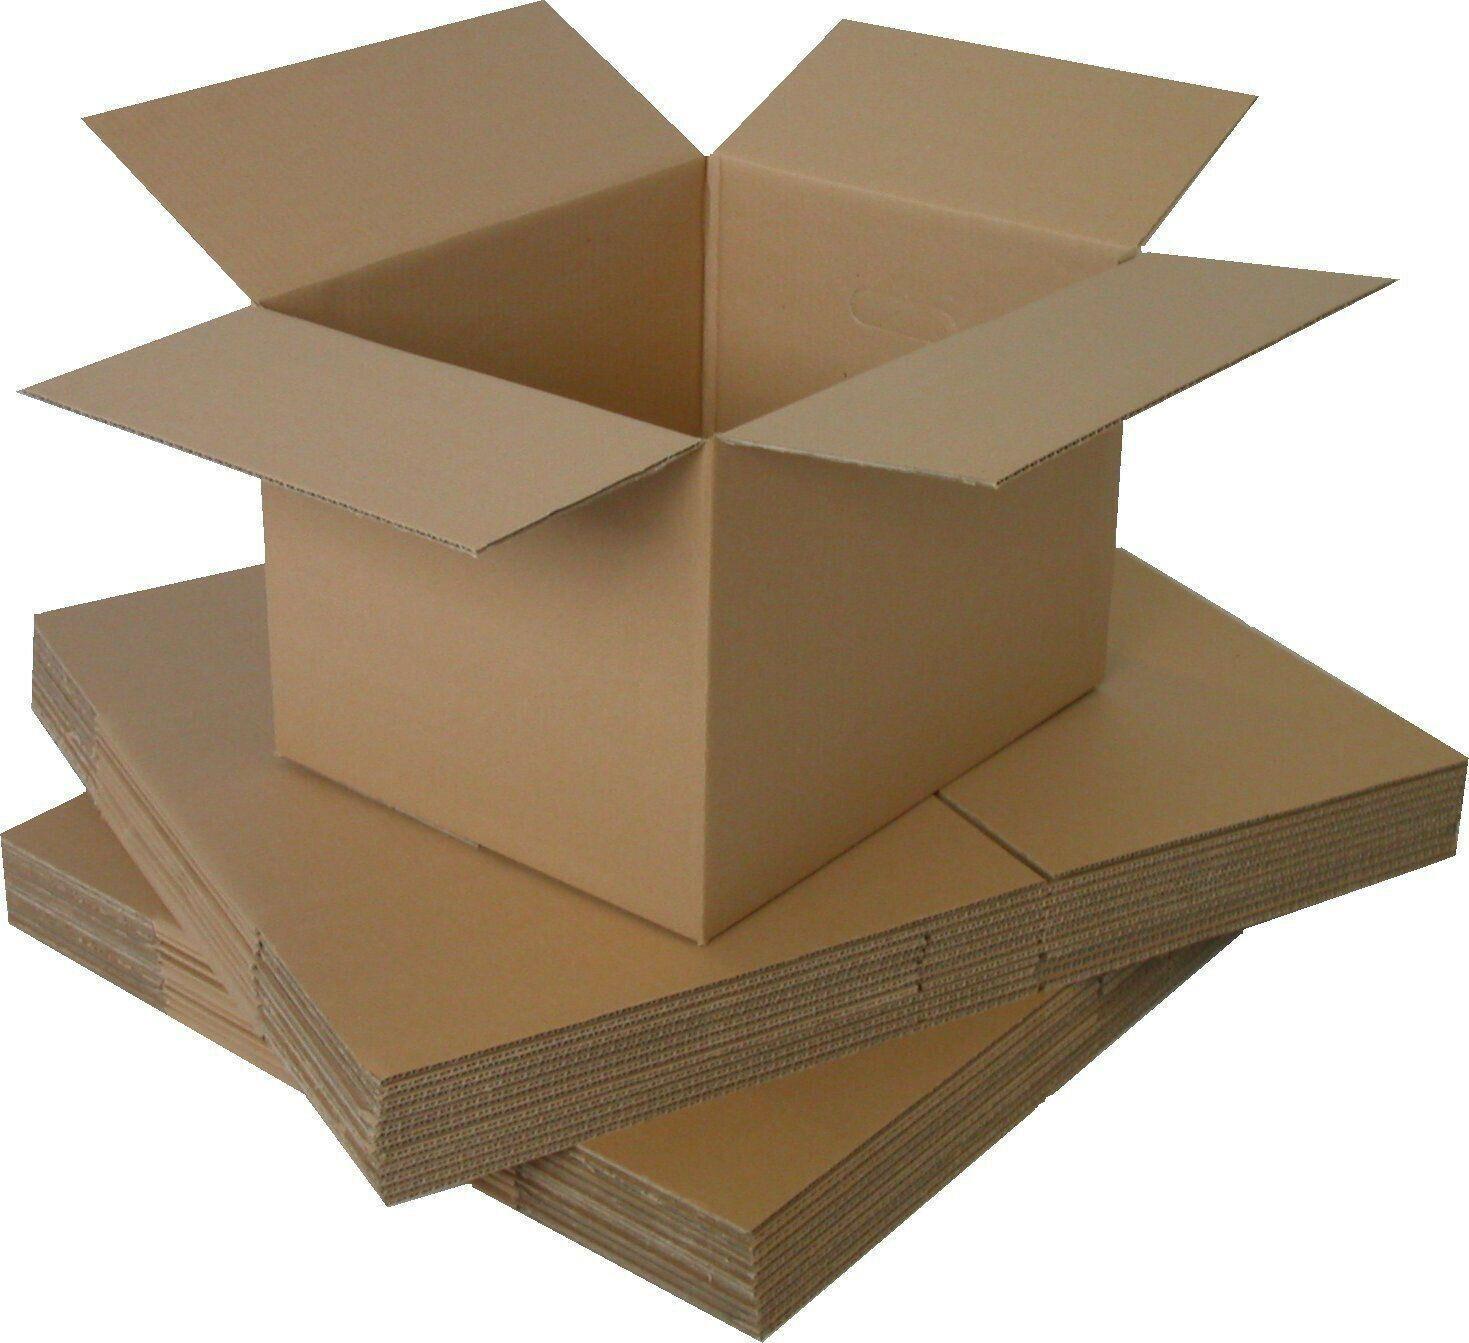 Packing Boxes Bradford